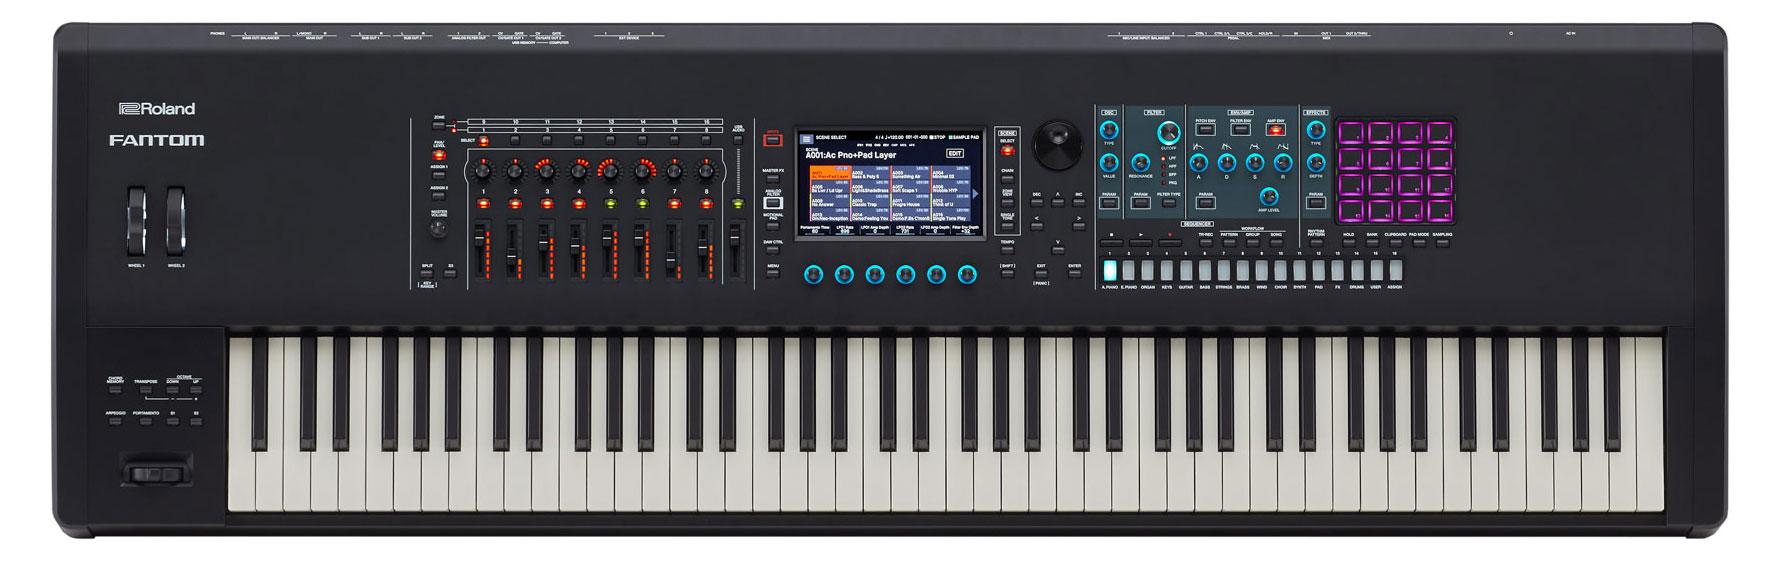 Synthesizer - Roland Fantom 8 - Onlineshop Musikhaus Kirstein